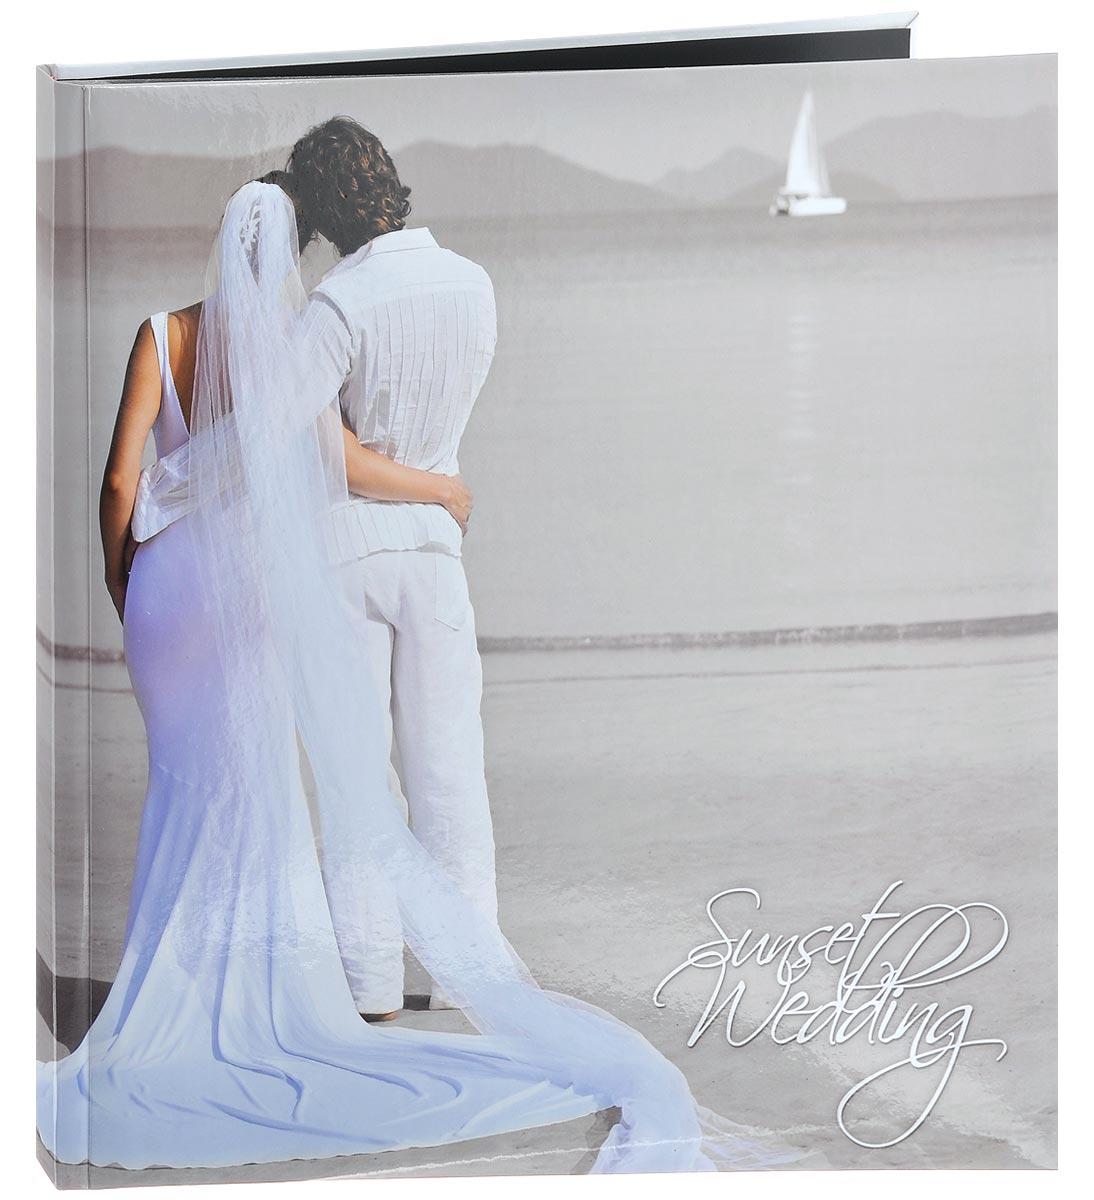 Фотоальбом Pioneer Sunset Wedding. Жених и невеста, 10 магнитных листов, 32 х 32 см21159 LM-SA10BB/C_жених и невестаФотоальбом Pioneer Sunset Wedding. Жених и невеста, изготовленный из картона с клеевым покрытием и пленки ПВХ, сохранит моменты ваших счастливых мгновений на своих страницах! Обложка альбома оформлена изображением молодоженов. Альбом с магнитными листами удобен тем, что он позволяет размещать фотографии разных размеров. Магнитные страницы обладают следующими преимуществами: - Не нужно прикладывать усилий для закрепления фотографий, - Не нужно заботиться о размерах фотографий, так как вы можете вставить в альбом фотографии разных размеров, - Защита фотографий от постоянных прикосновений зрителей с помощью пленки ПВХ. Нам всегда так приятно вспоминать о самых счастливых моментах жизни, запечатленных на фотографиях. Поэтому фотоальбом является универсальным подарком к любому празднику. Вашим родным, близким и просто знакомым будет приятно помещать фотографии в этот альбом. Количество листов: 10...